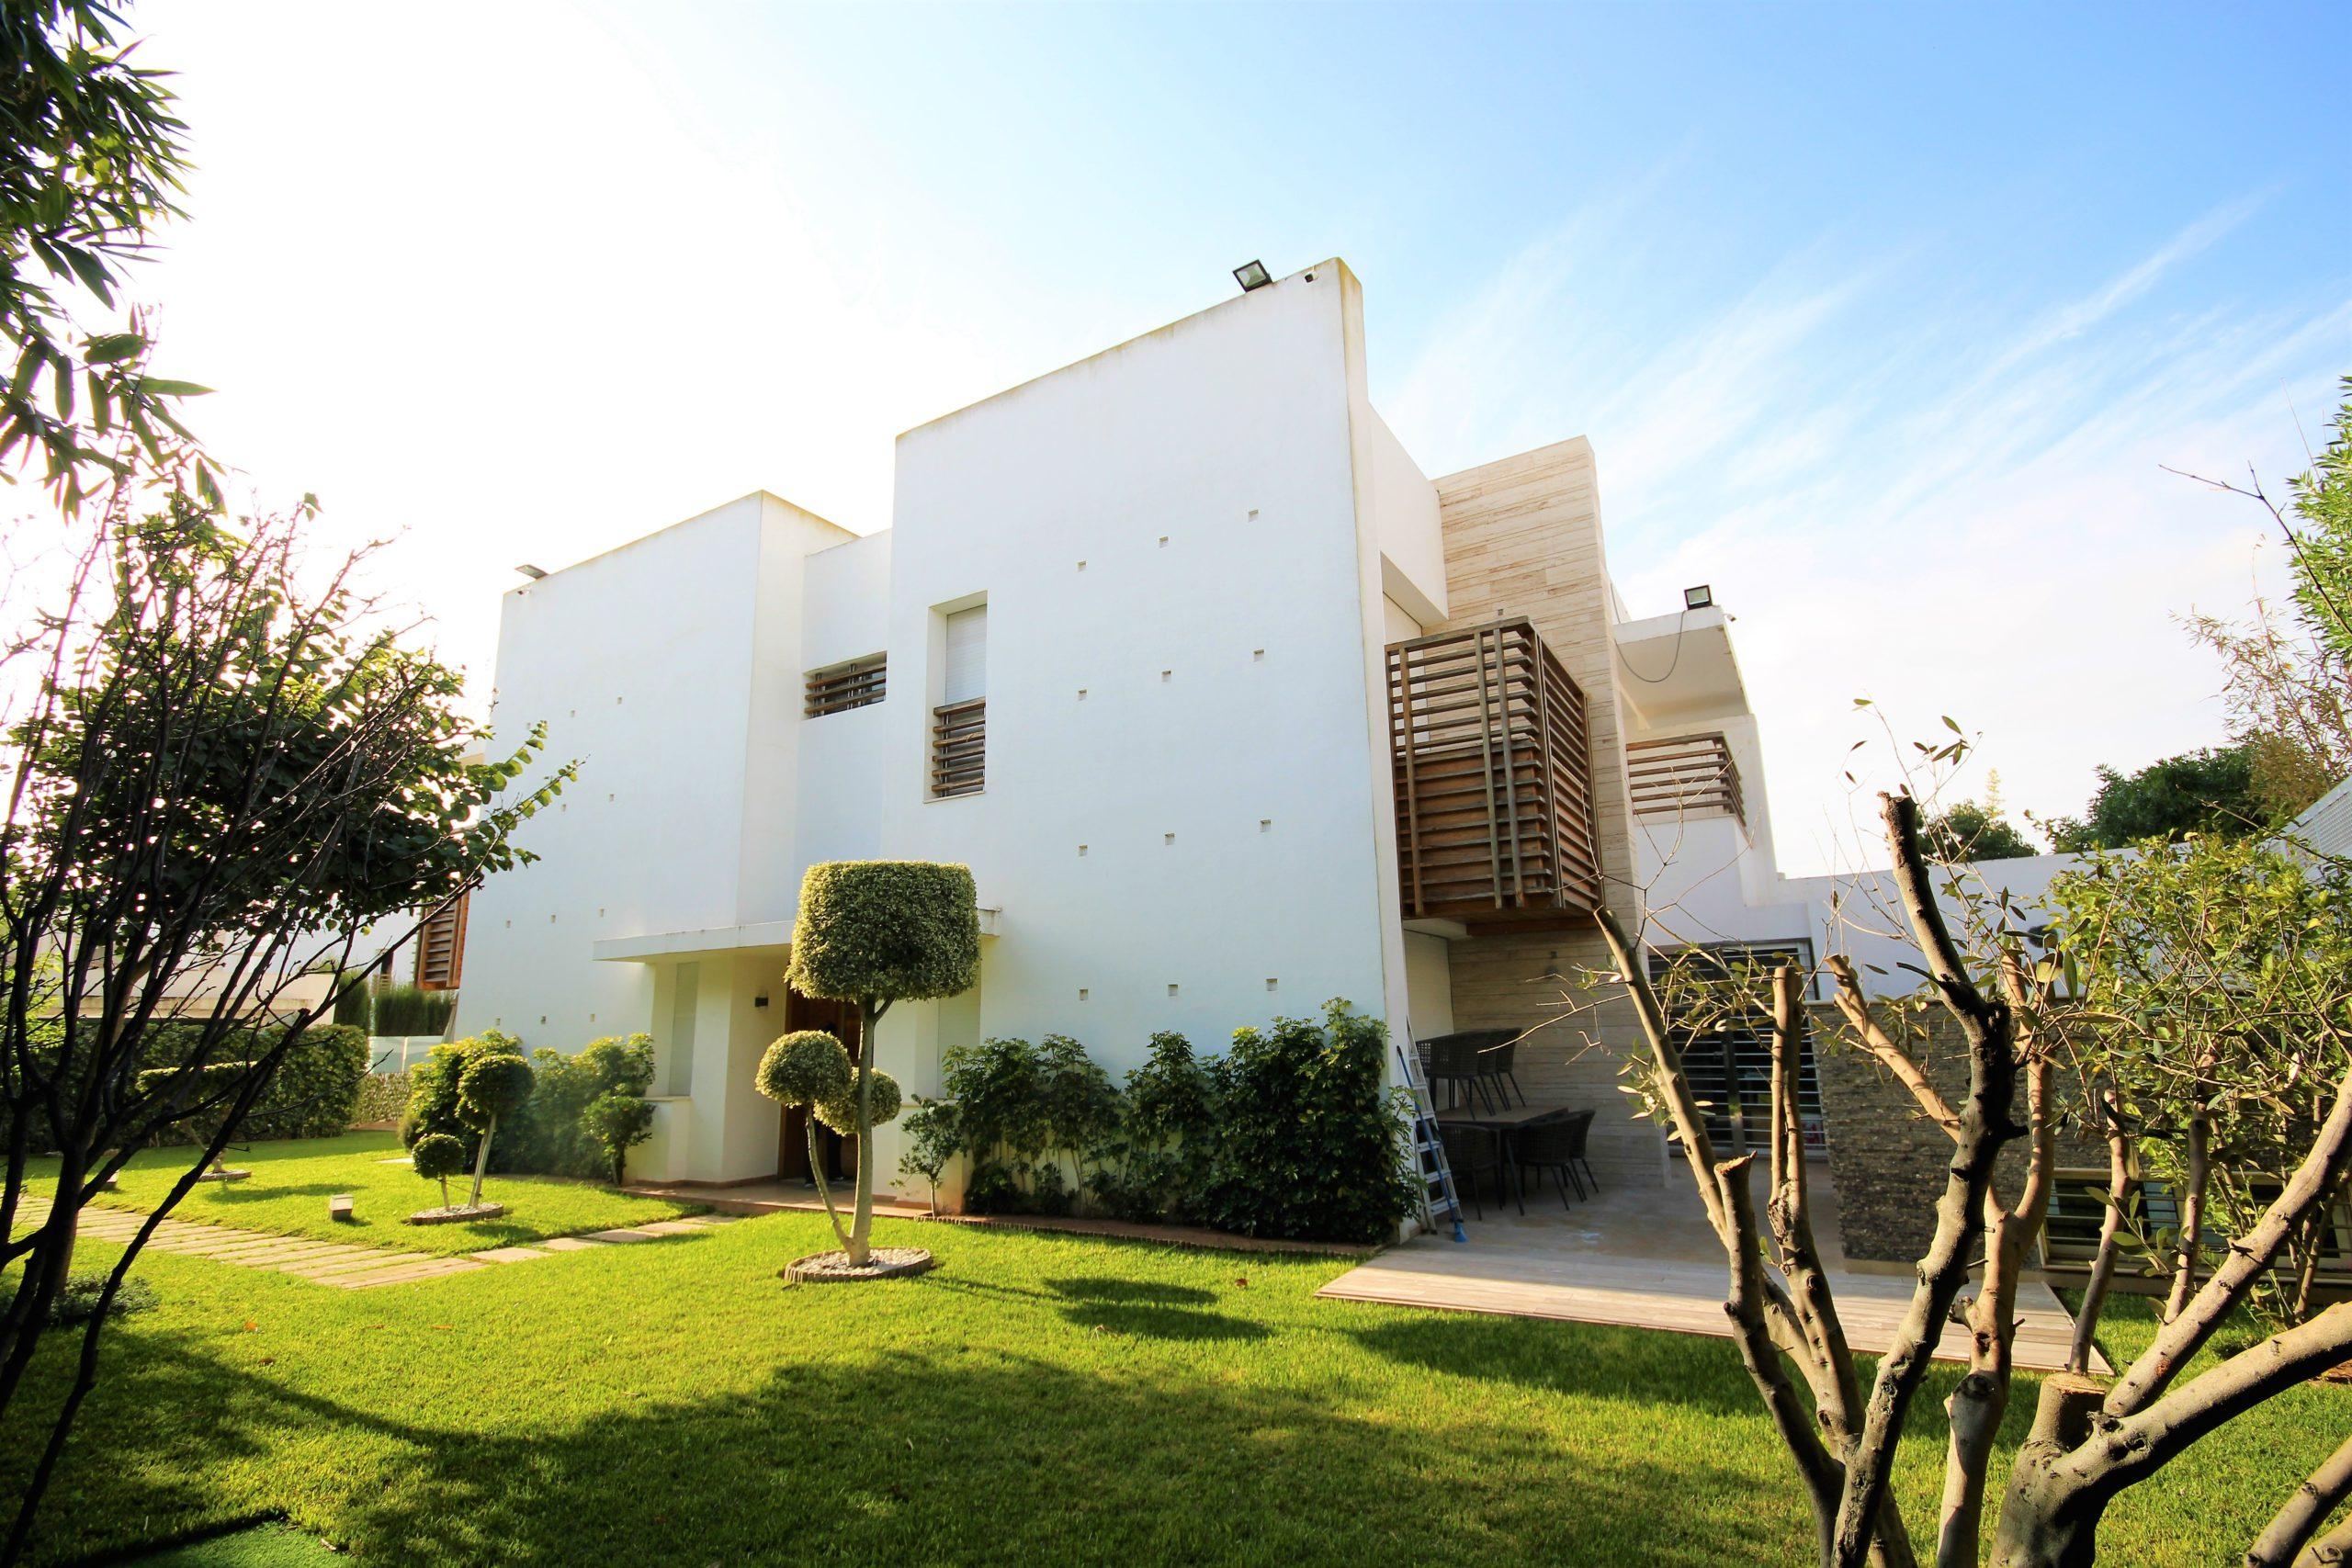 Maroc, Bouscoura Golf City,  Loue villa raffinée meublé + piscine sur540 m²